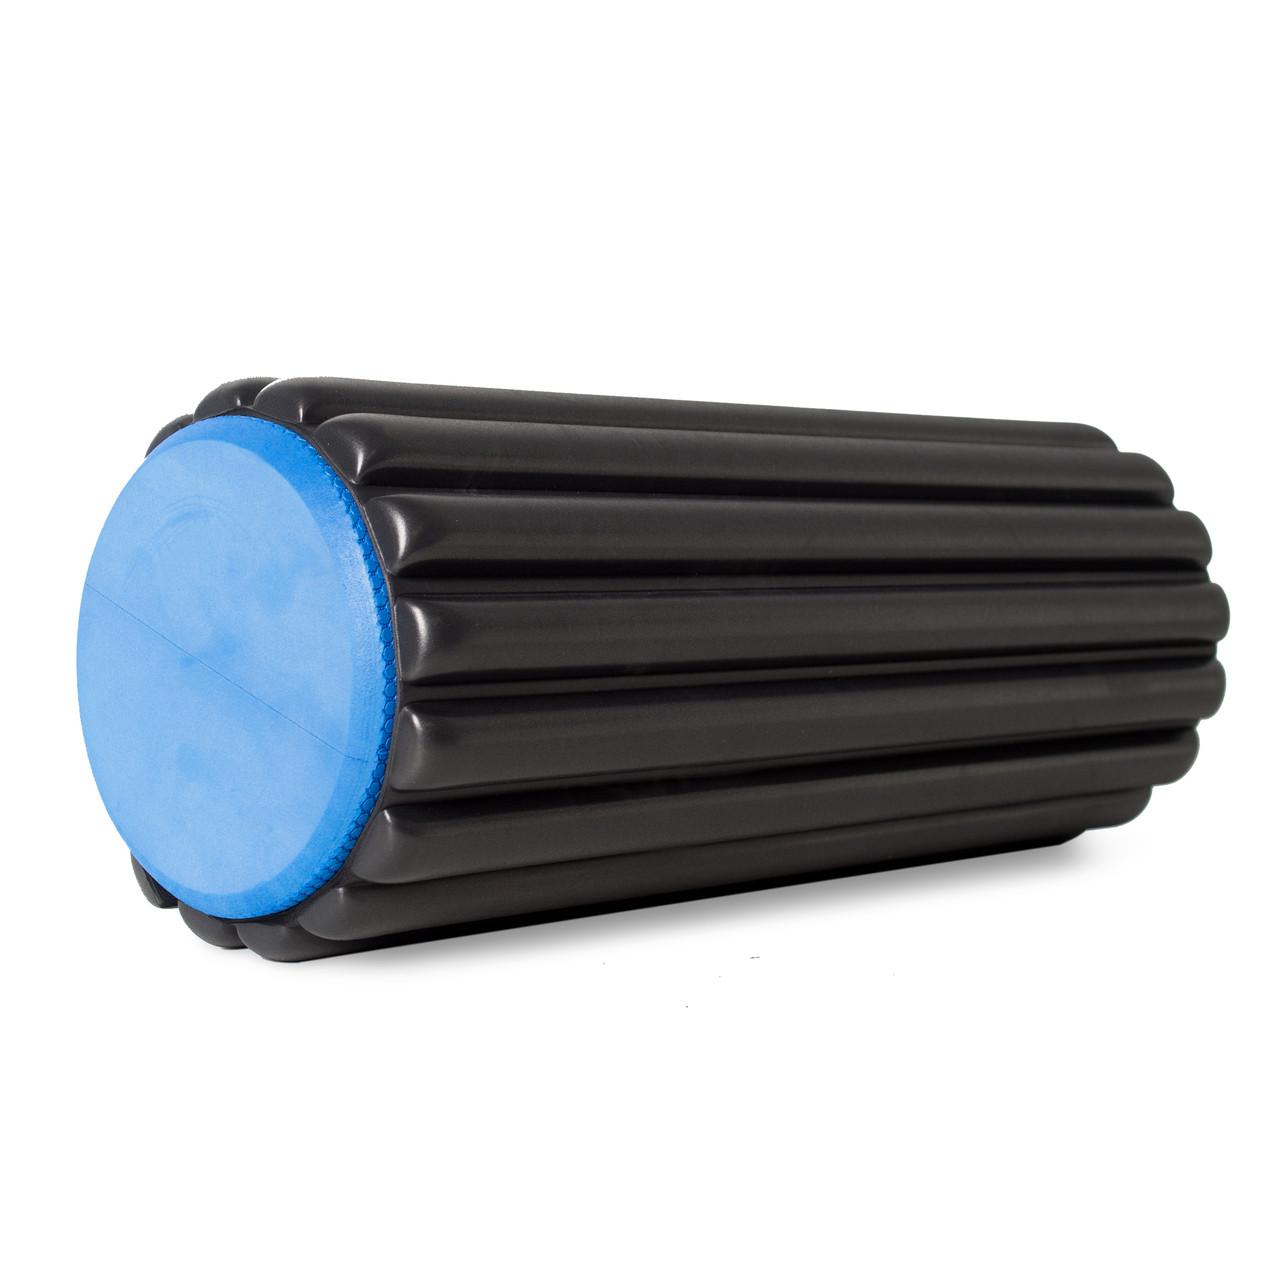 Muscle foam roller 3 in 1 buy foam roller foam roller 3 in 1 muscle - Fuel Pureformance Foam Roller With Removable Massager